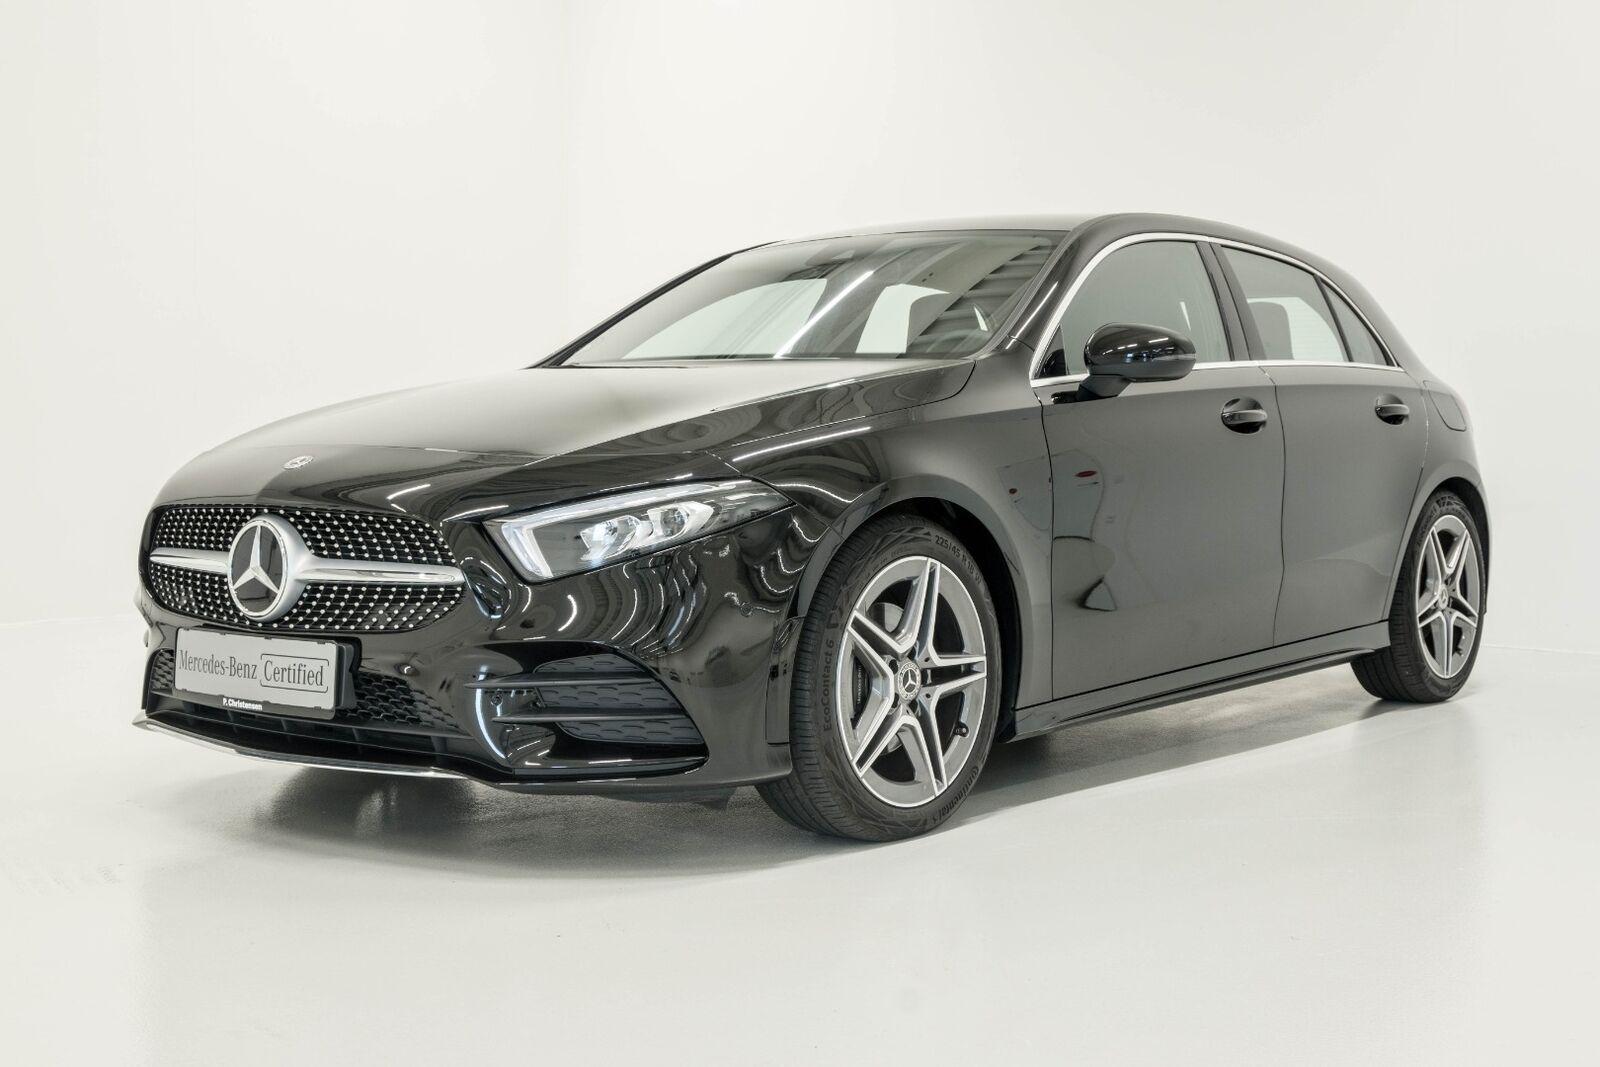 Mercedes A200 d 2,0 AMG Line aut. 5d - 369.900 kr.